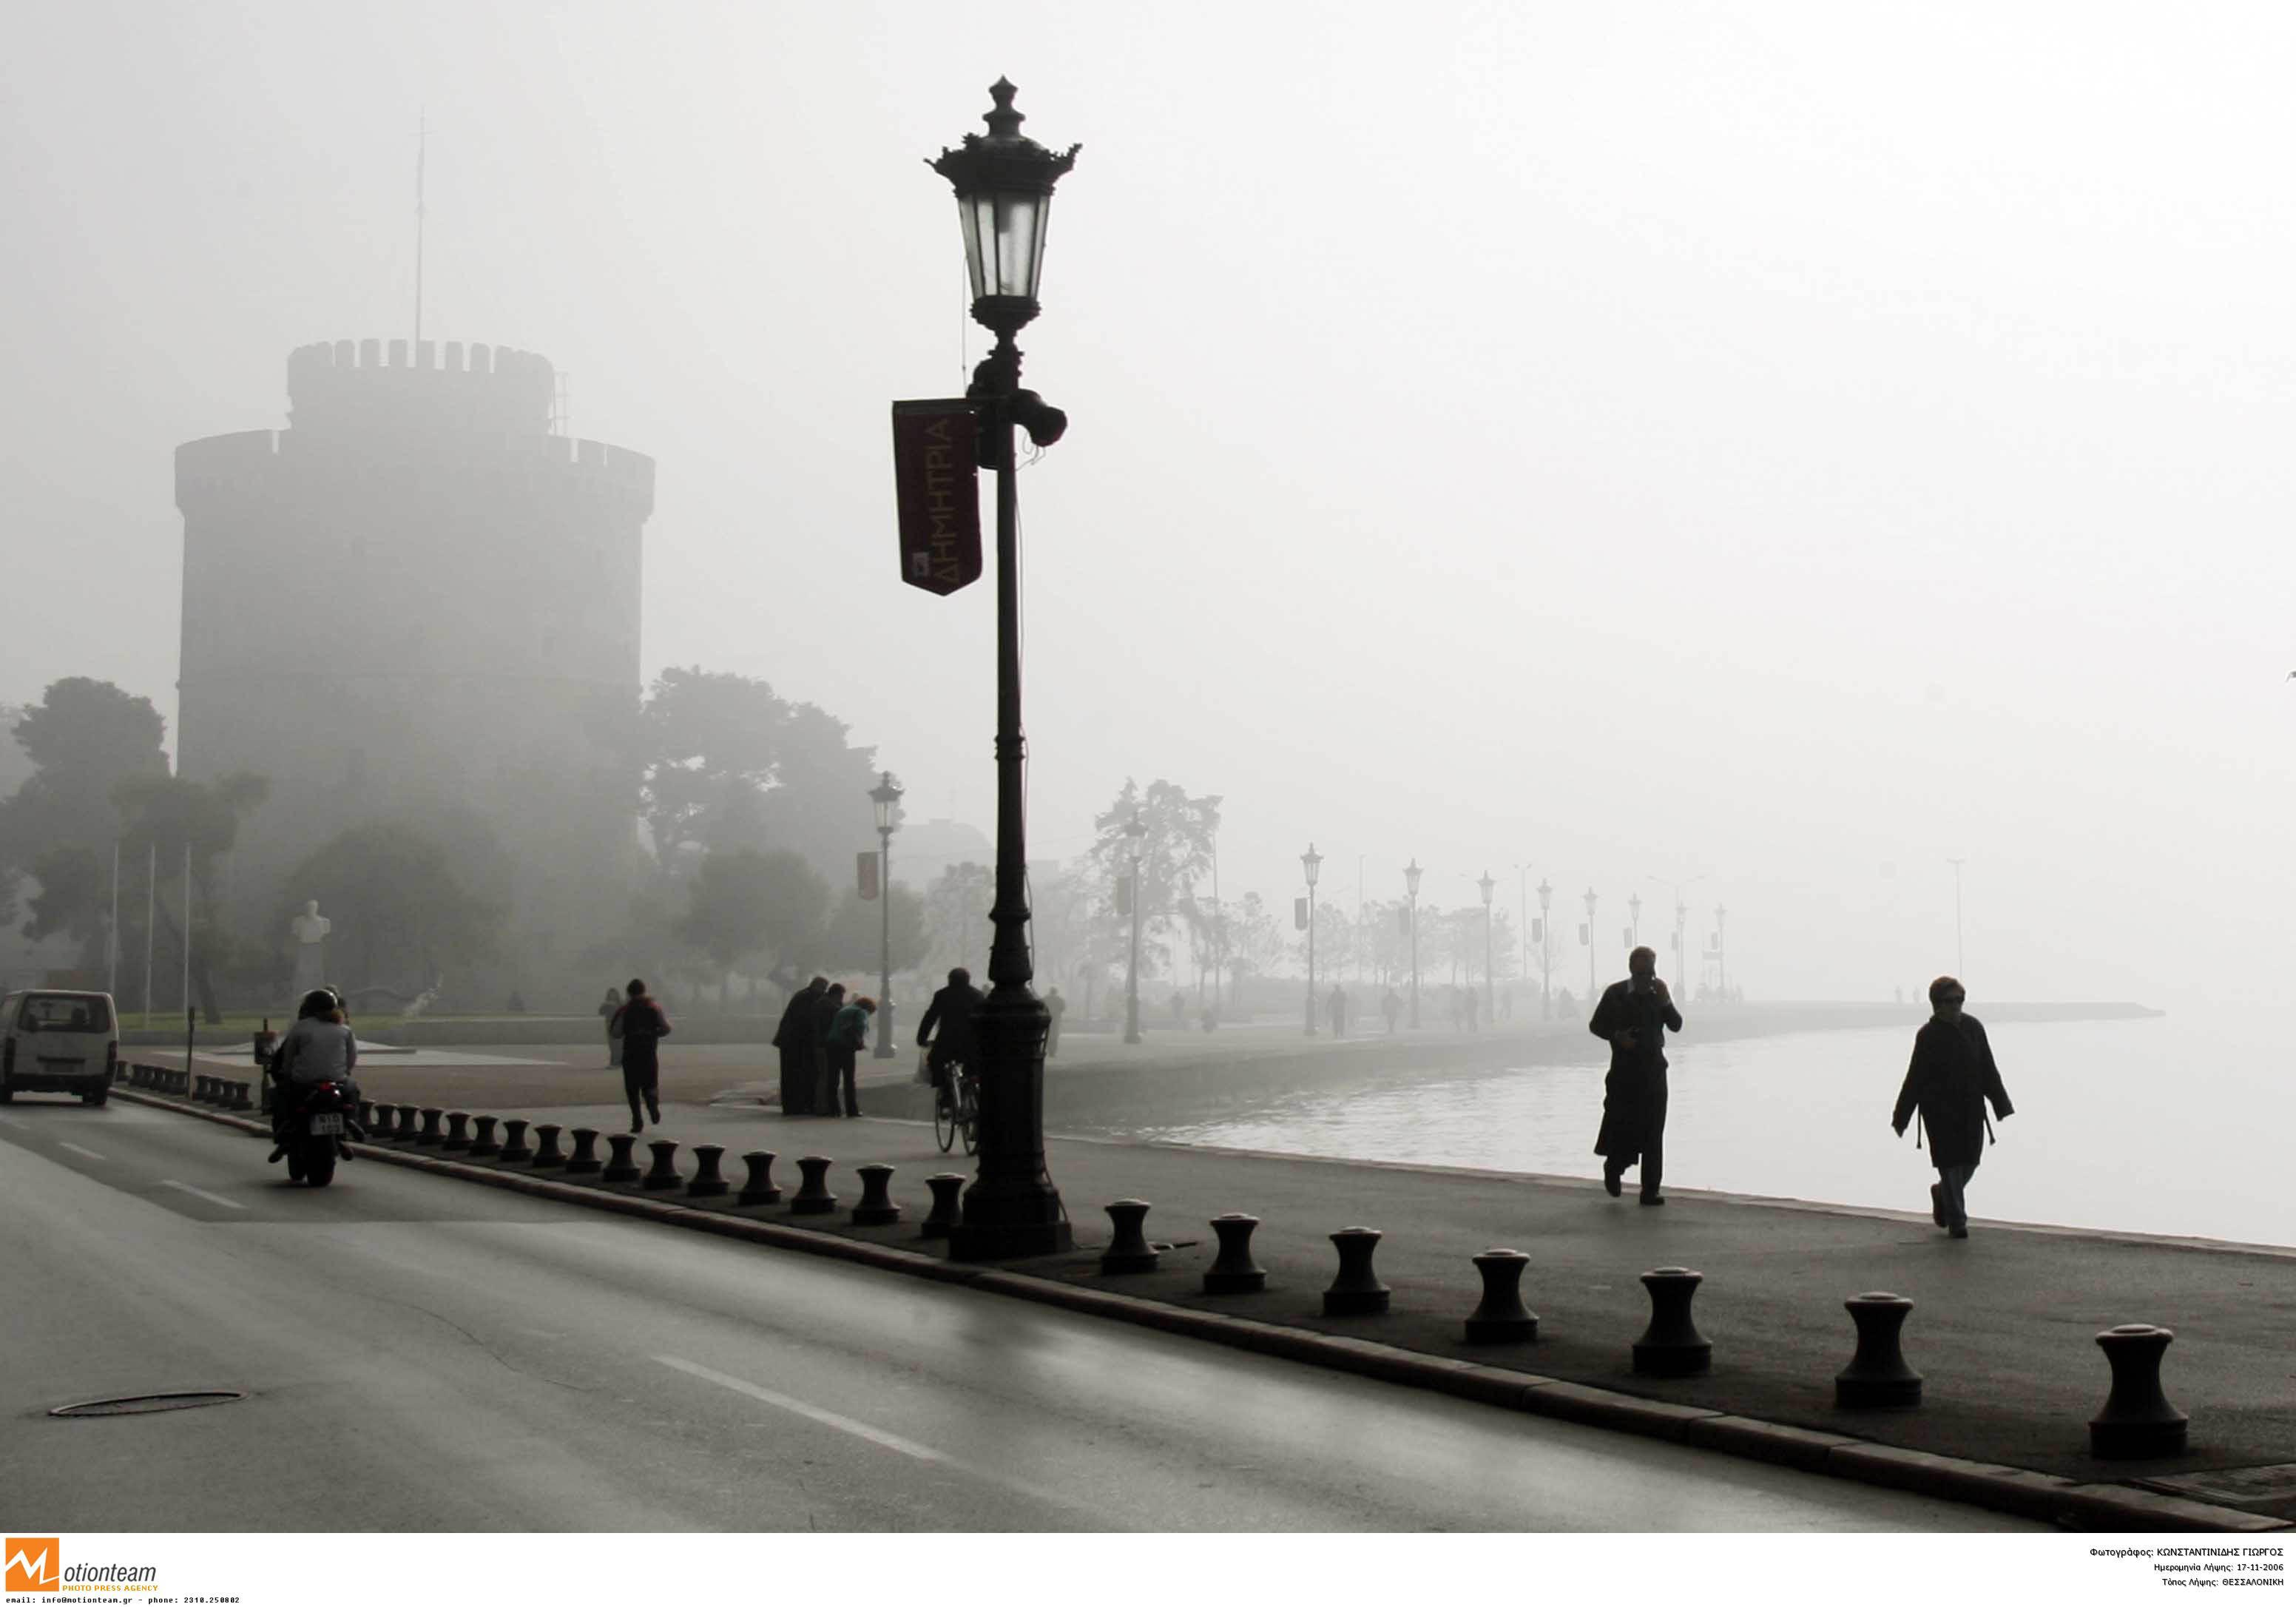 Θεσσαλονίκη: Σοβαρά προβλήματα προκάλεσε η έντονη βροχόπτωση   tovima.gr